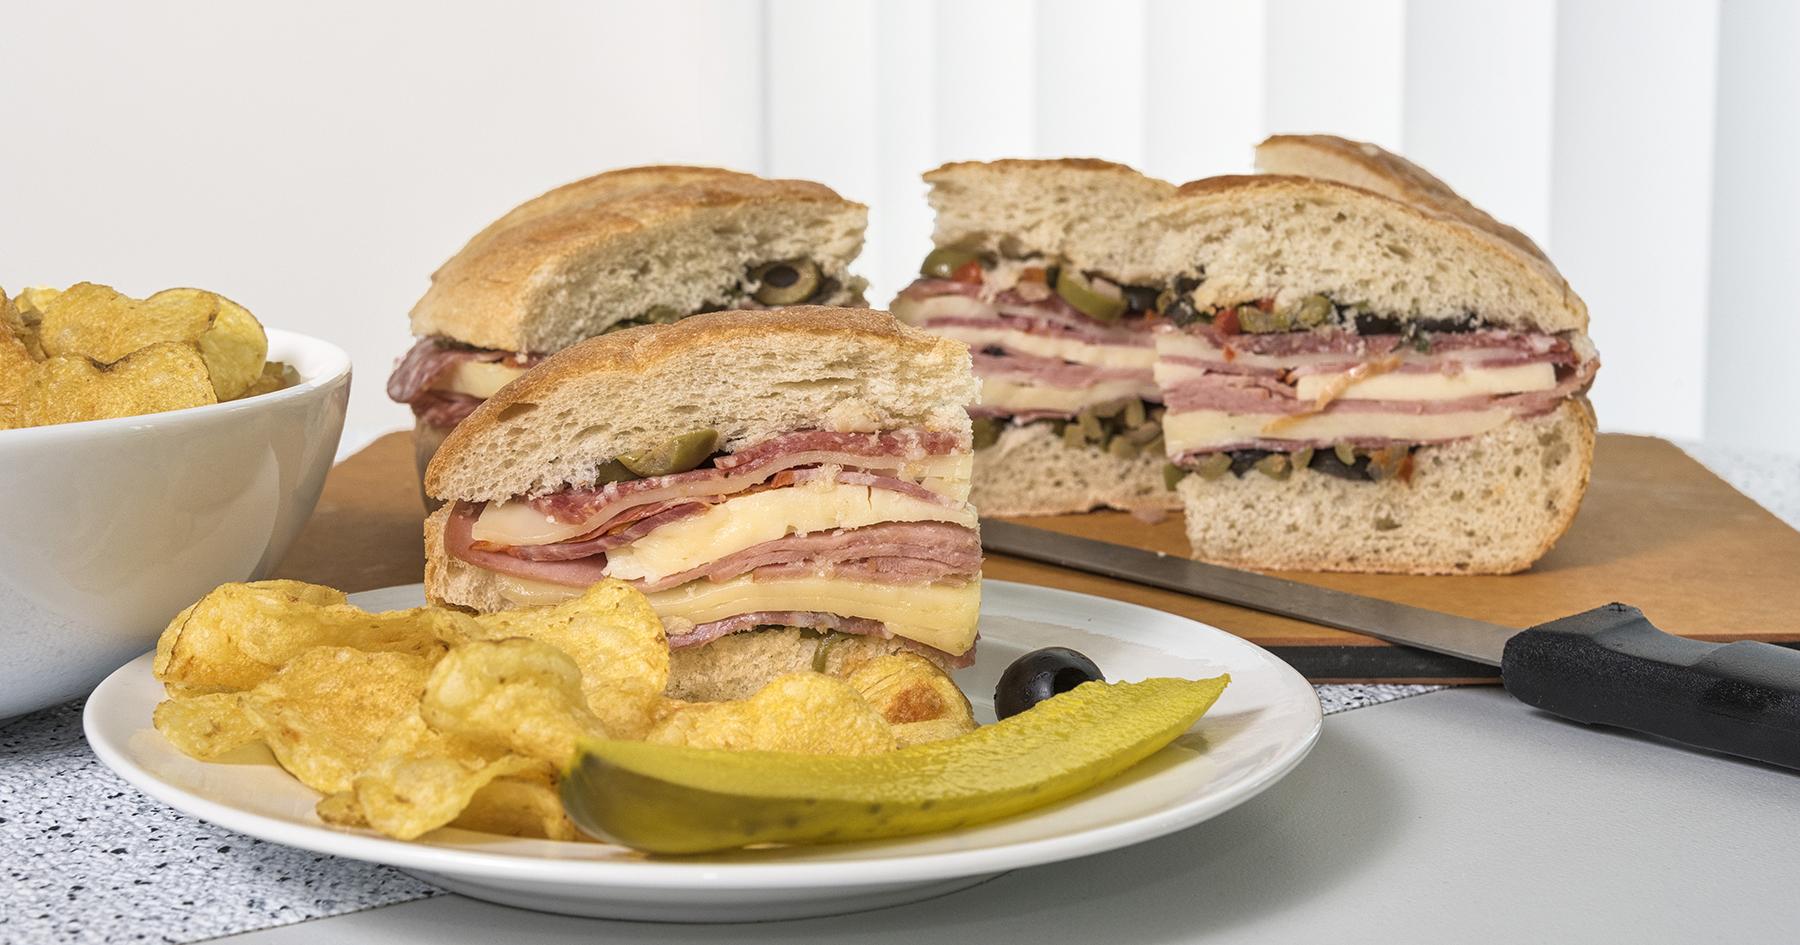 Muffuletta sandwiches